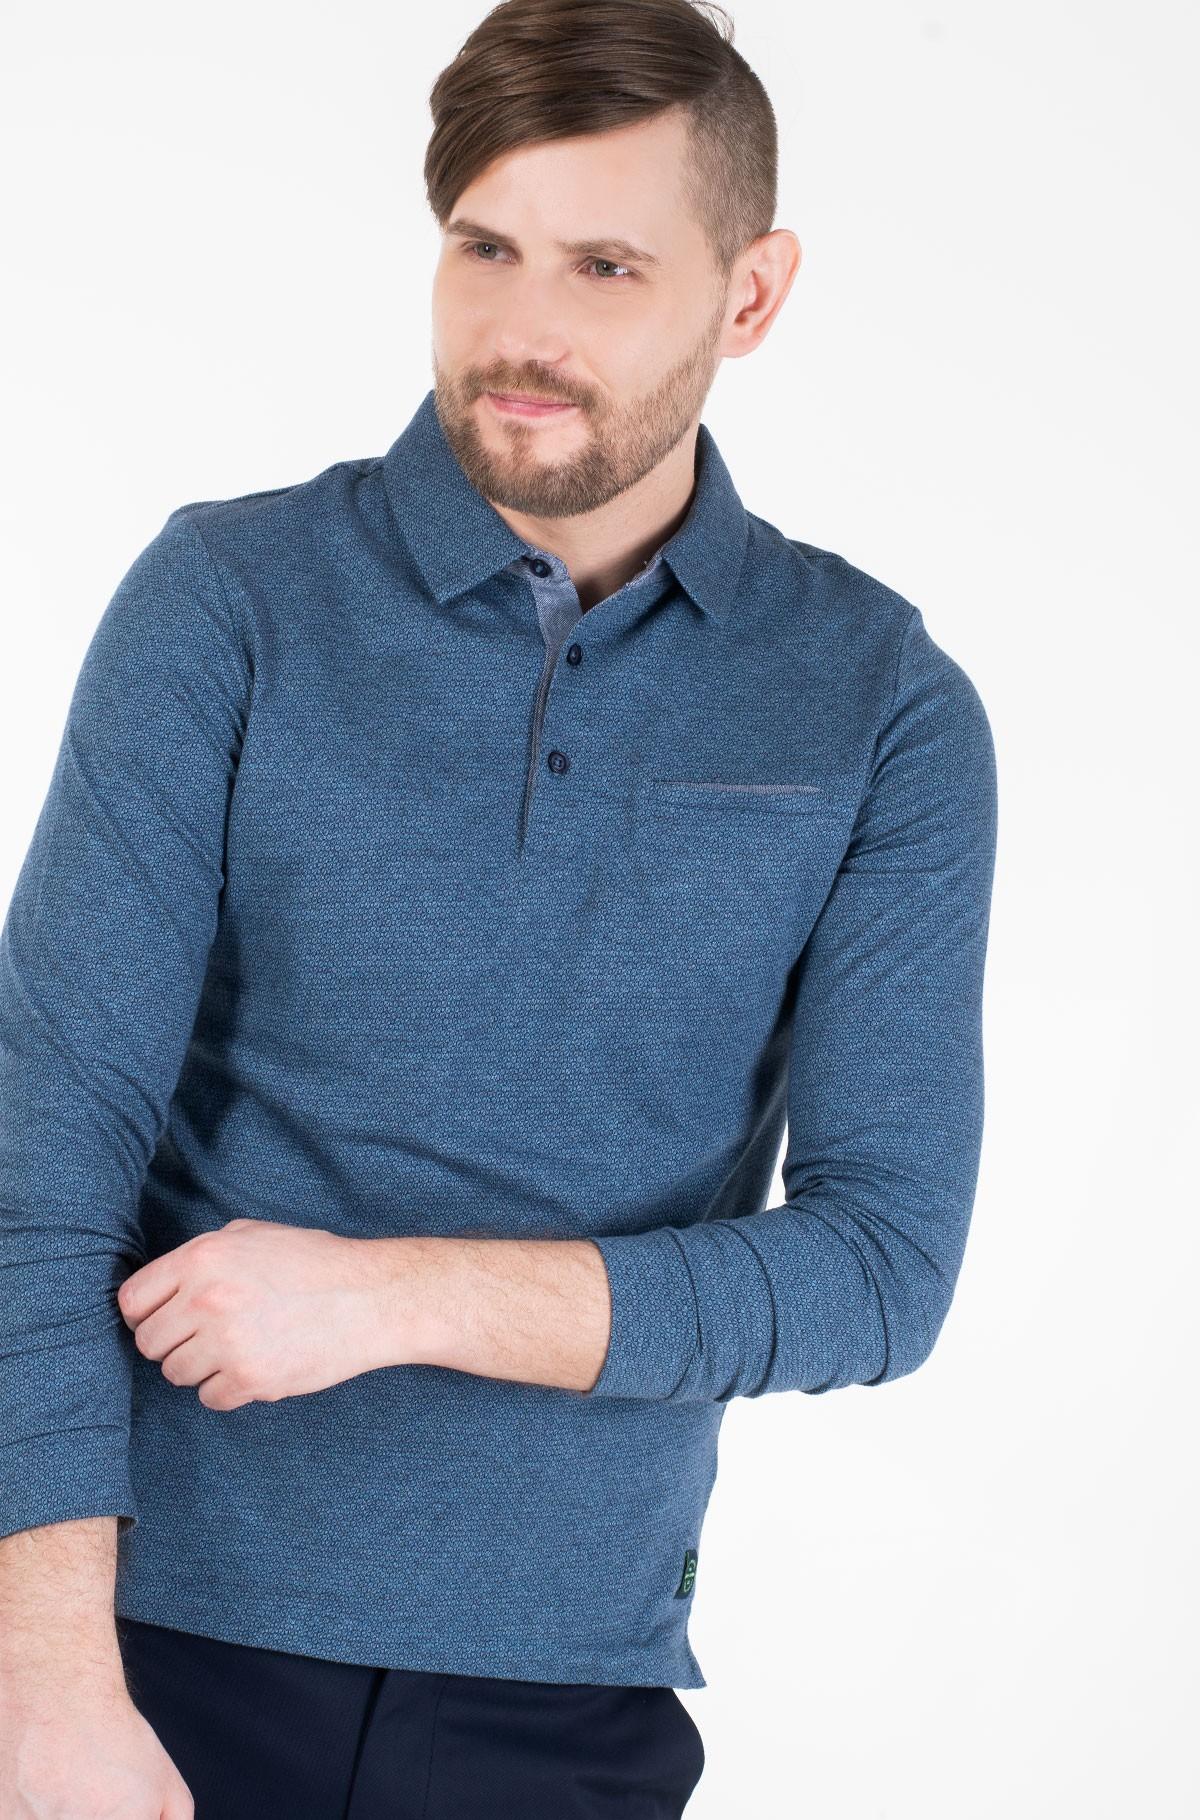 Long sleeved t-shirt 53894-01323-full-1